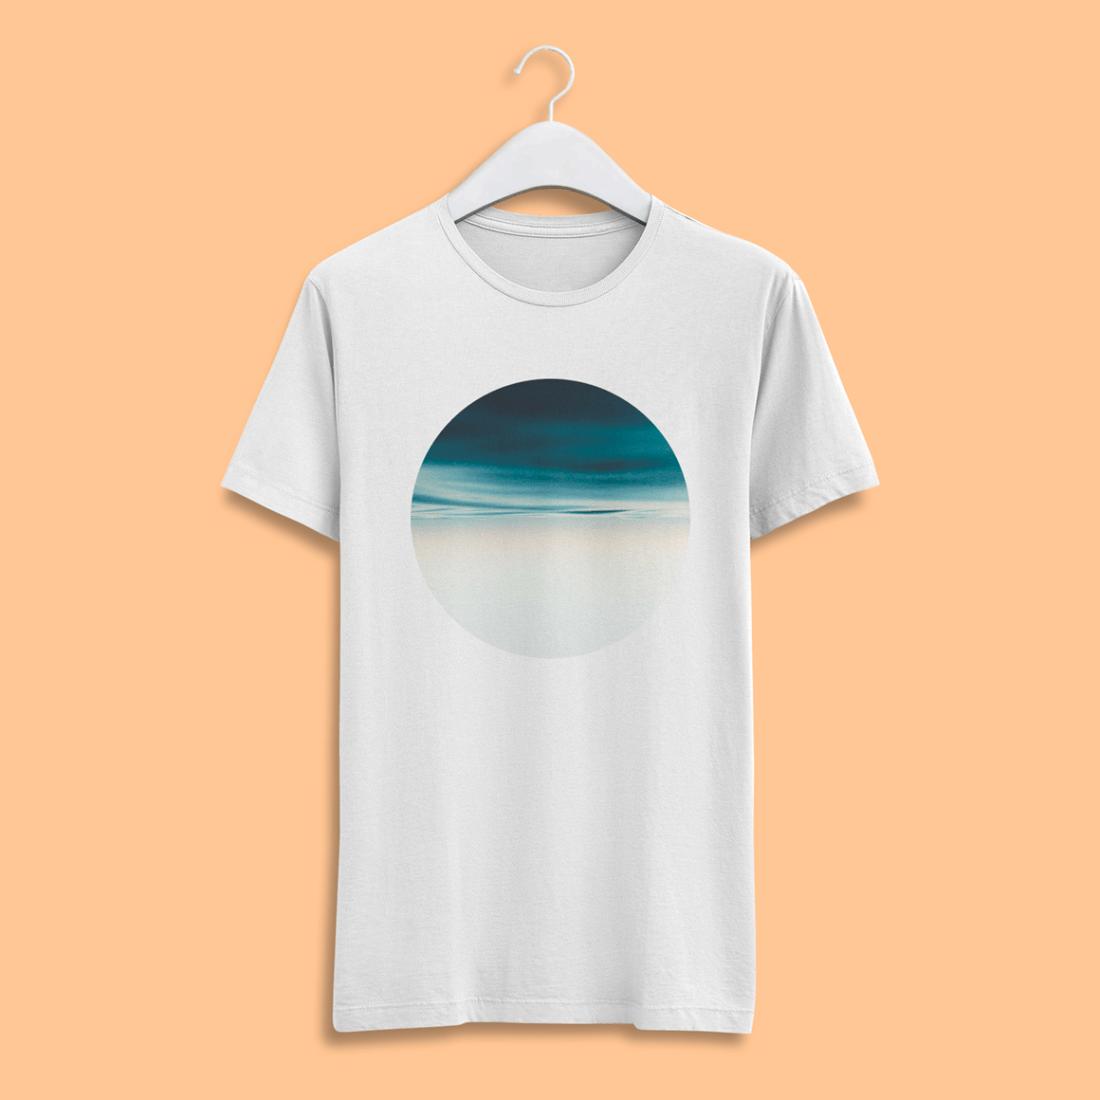 realistic t-shirt mockup